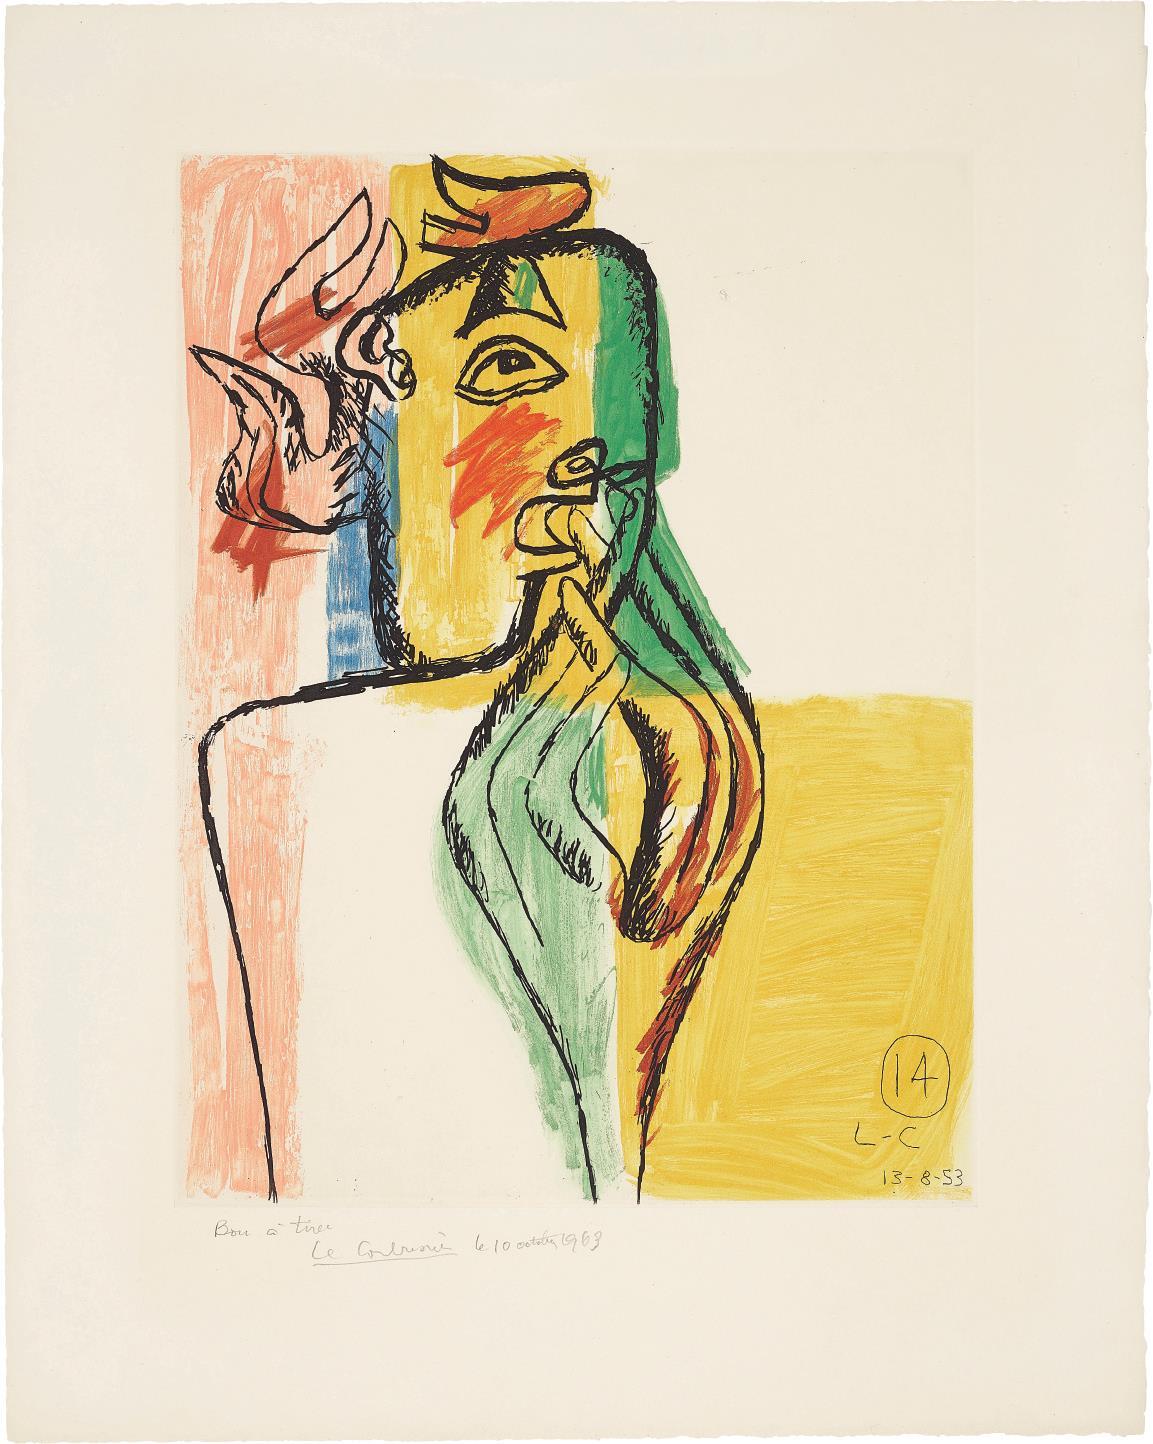 Le Corbusier-Unite: Plate 14-1963